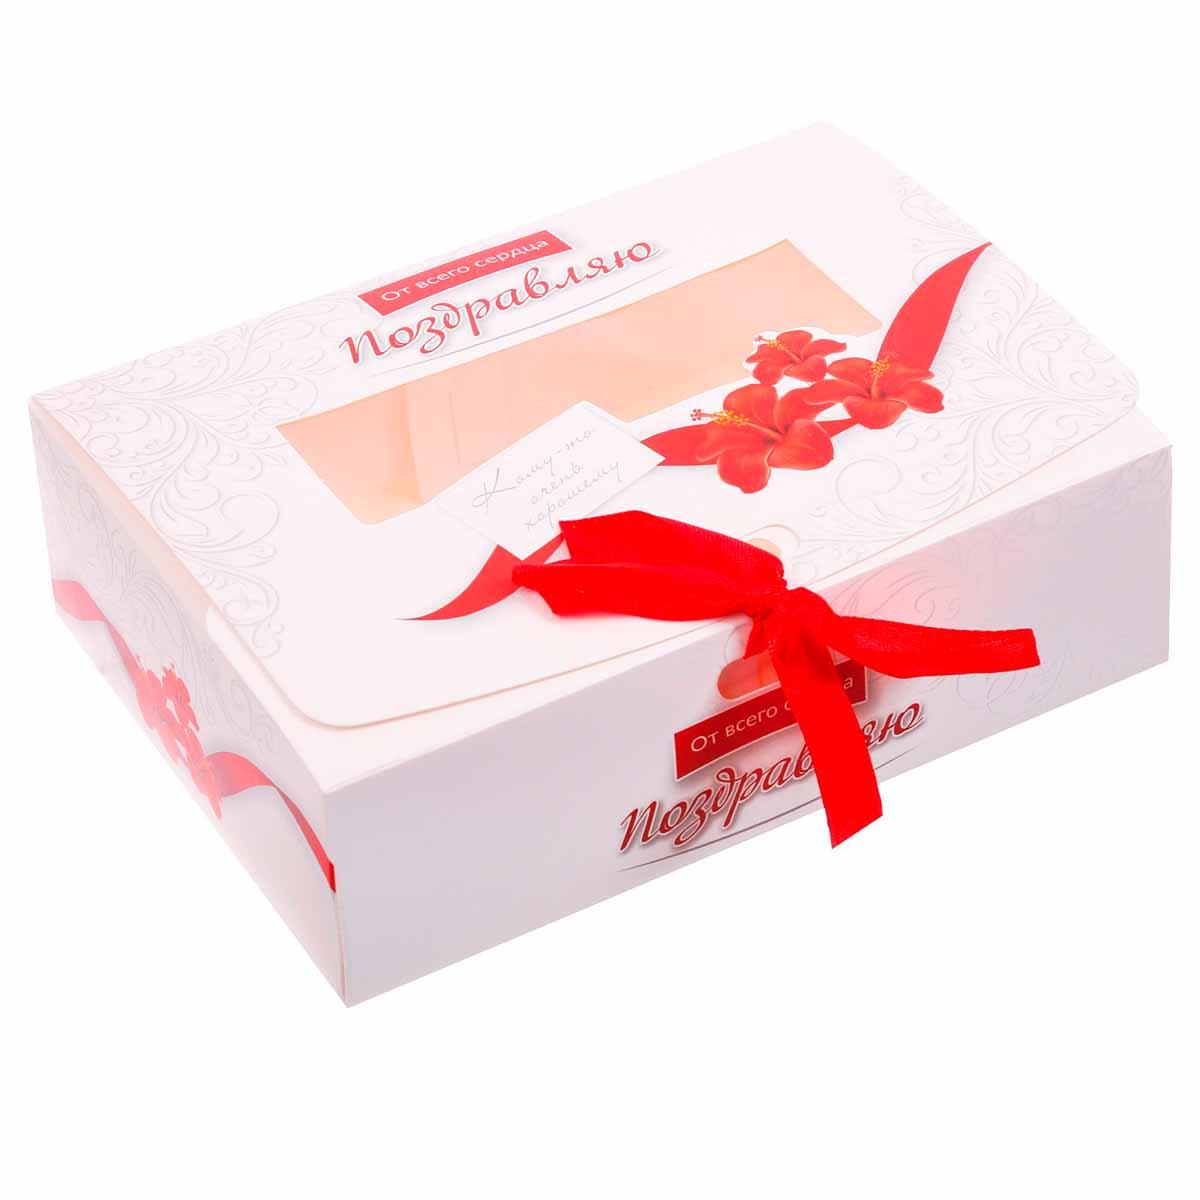 3222434 Складная коробка подарочная «Поздравляю», 20*18*5 см